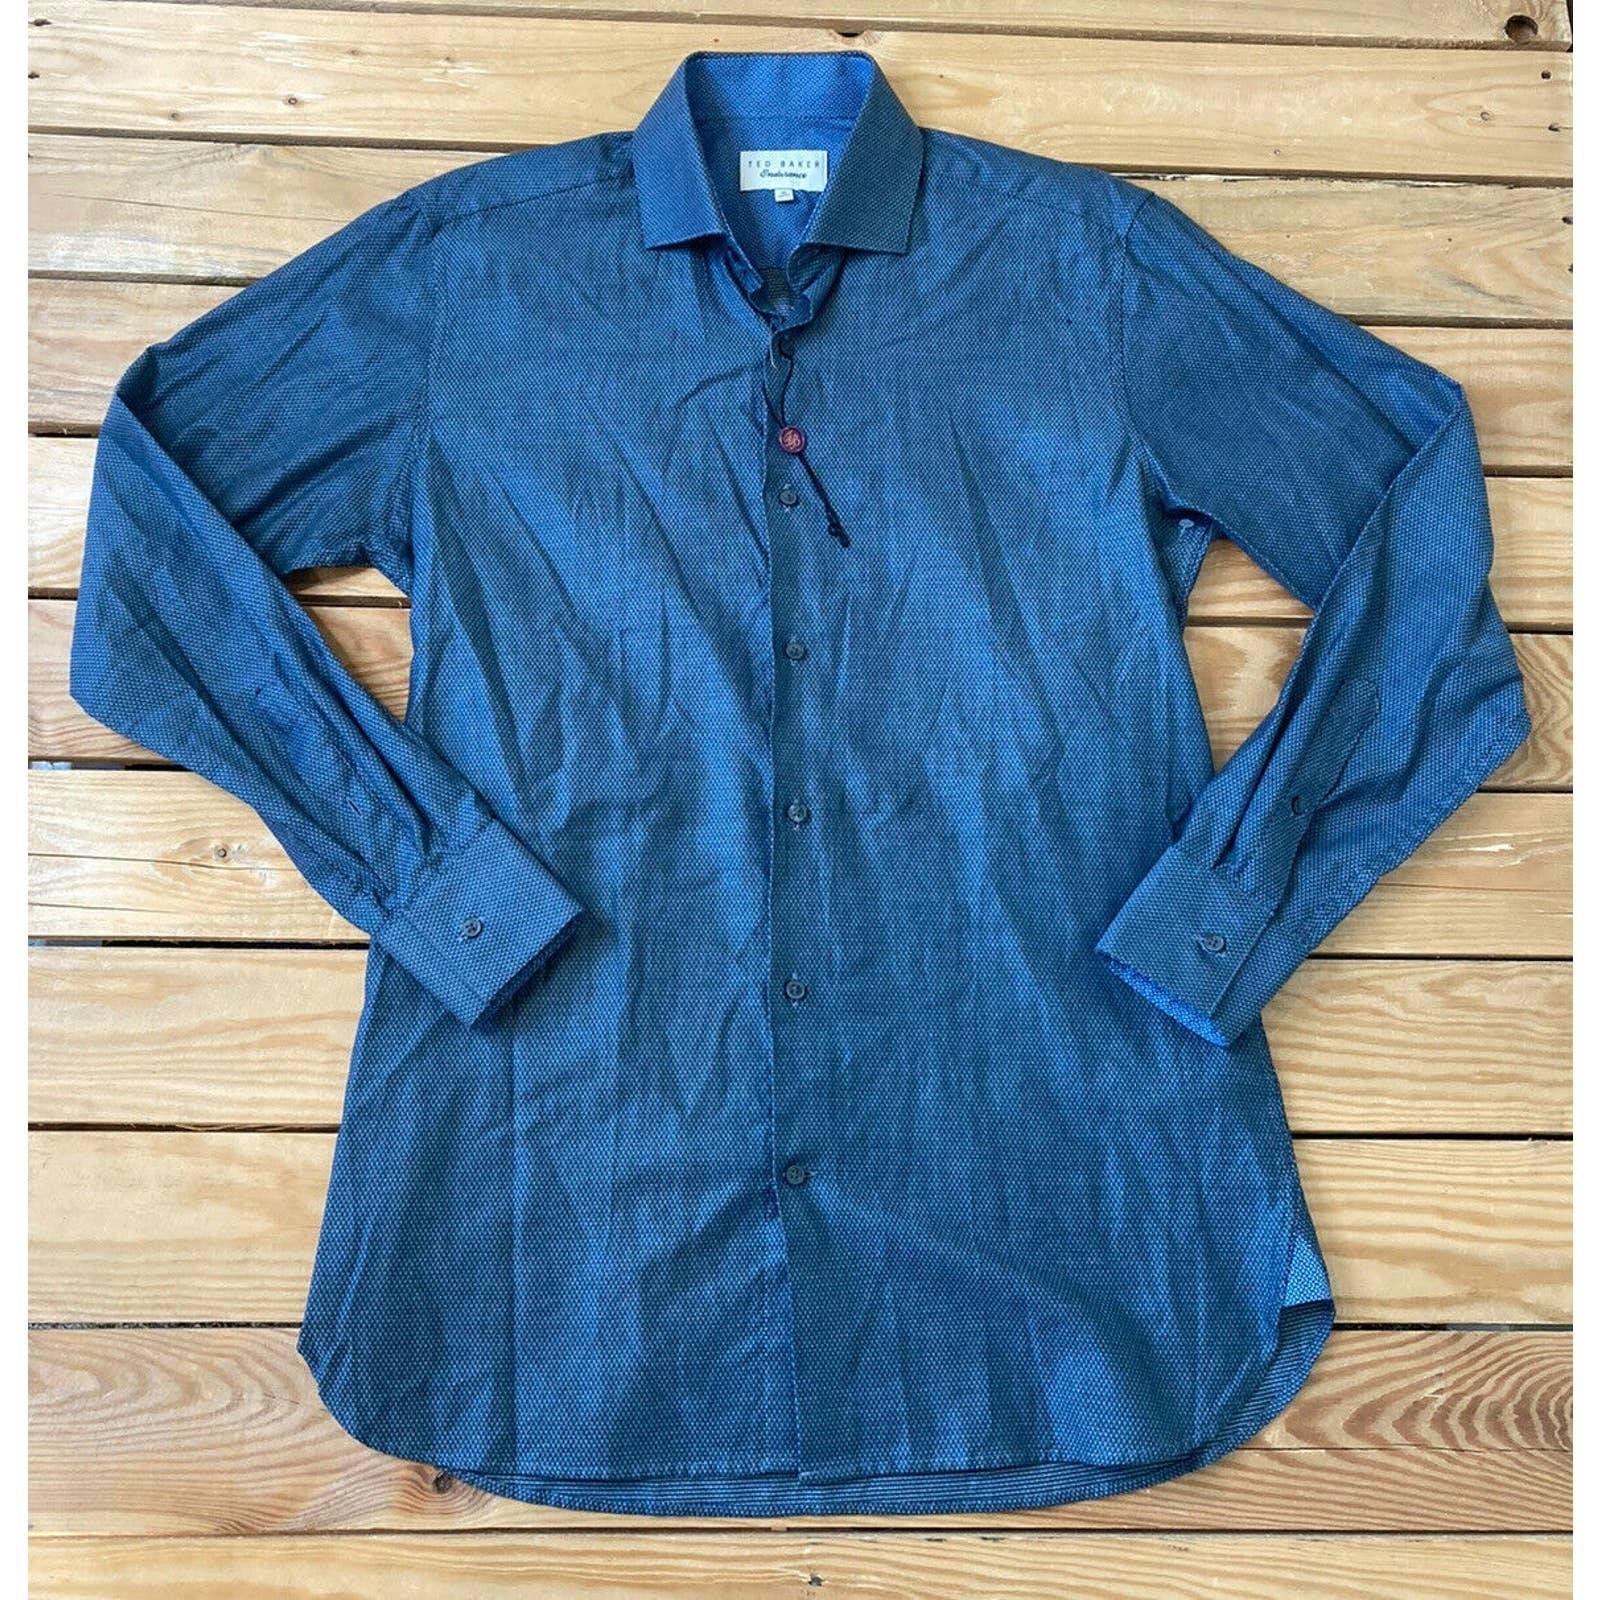 NWOT Ted Baker endurance Button Up Shirt